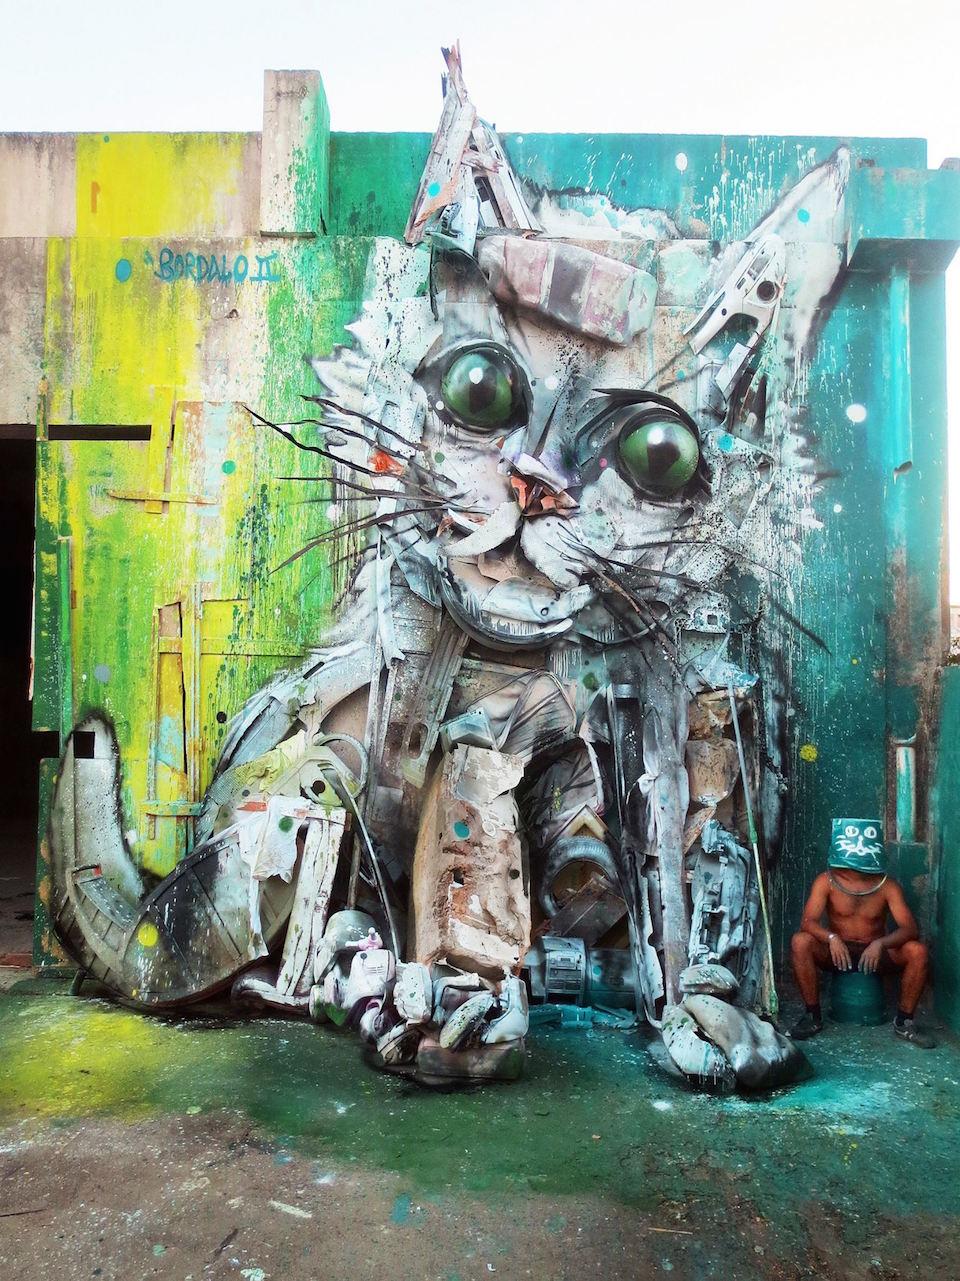 23 Street Art by Bordalo II in Lisbon, Portugal